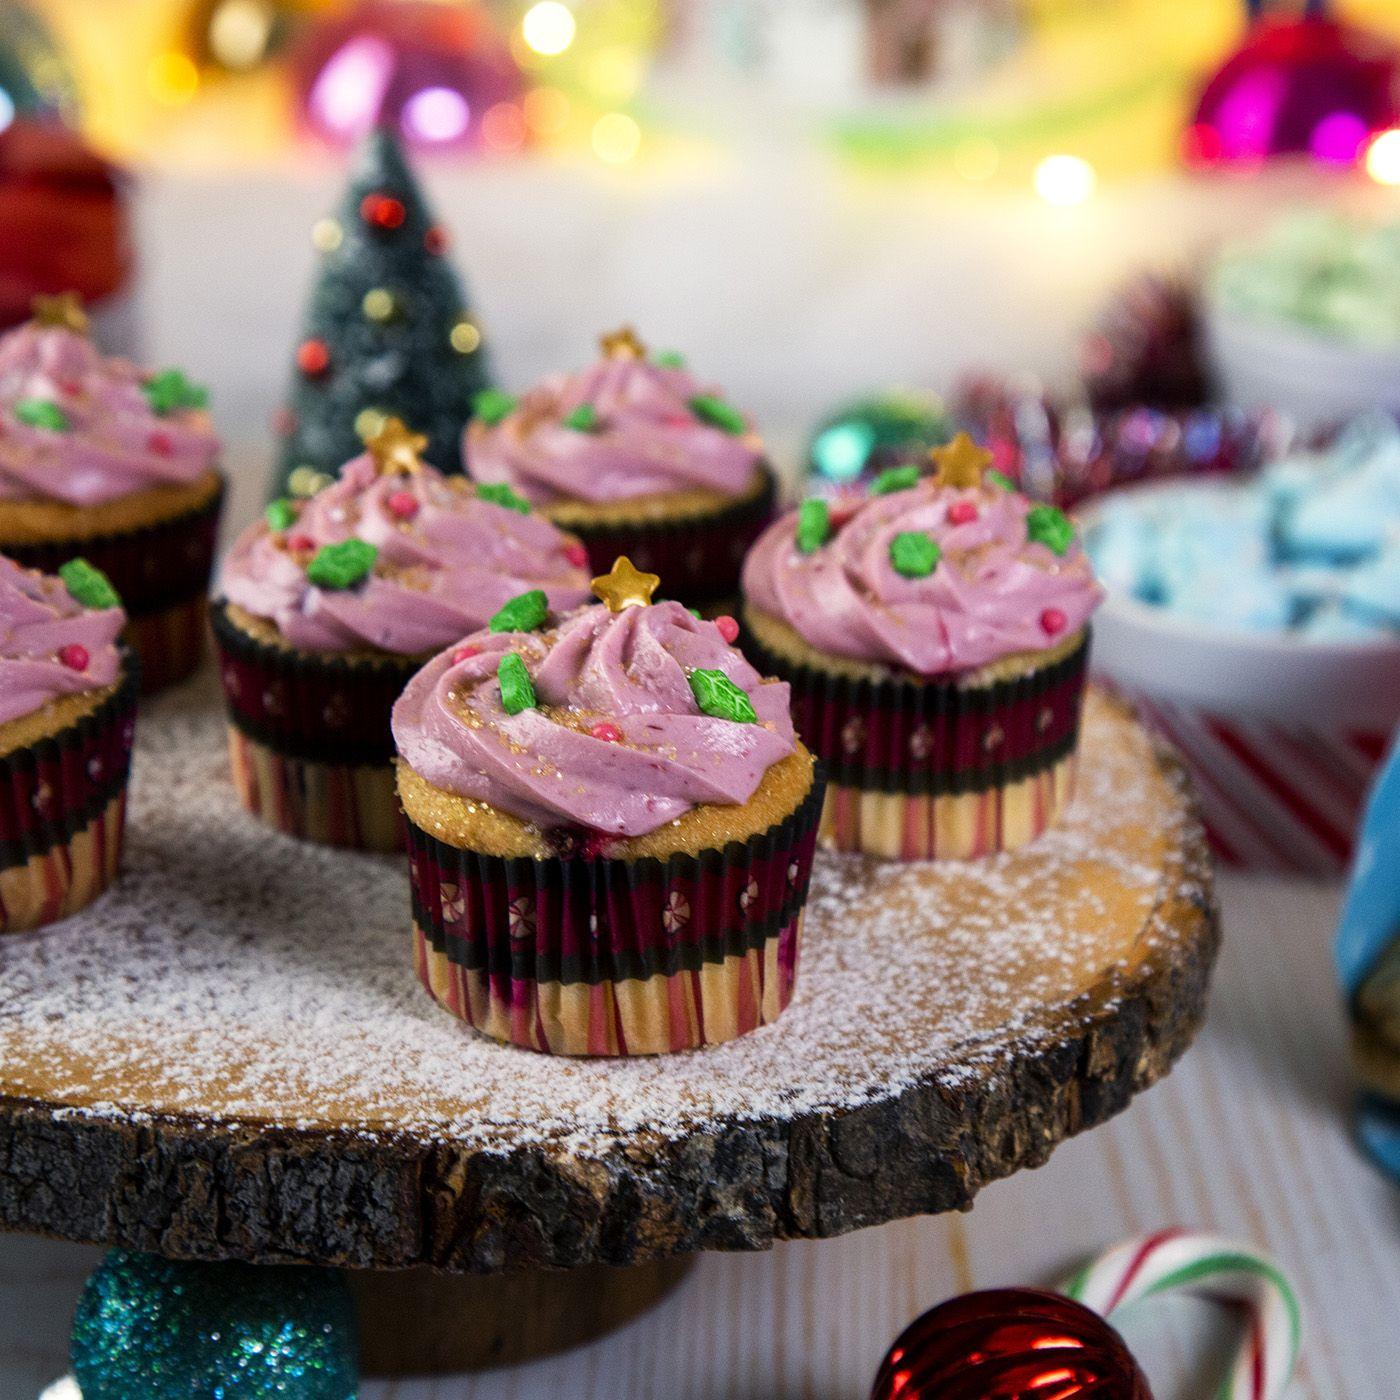 Blog post cookies ingredients flour ingredients